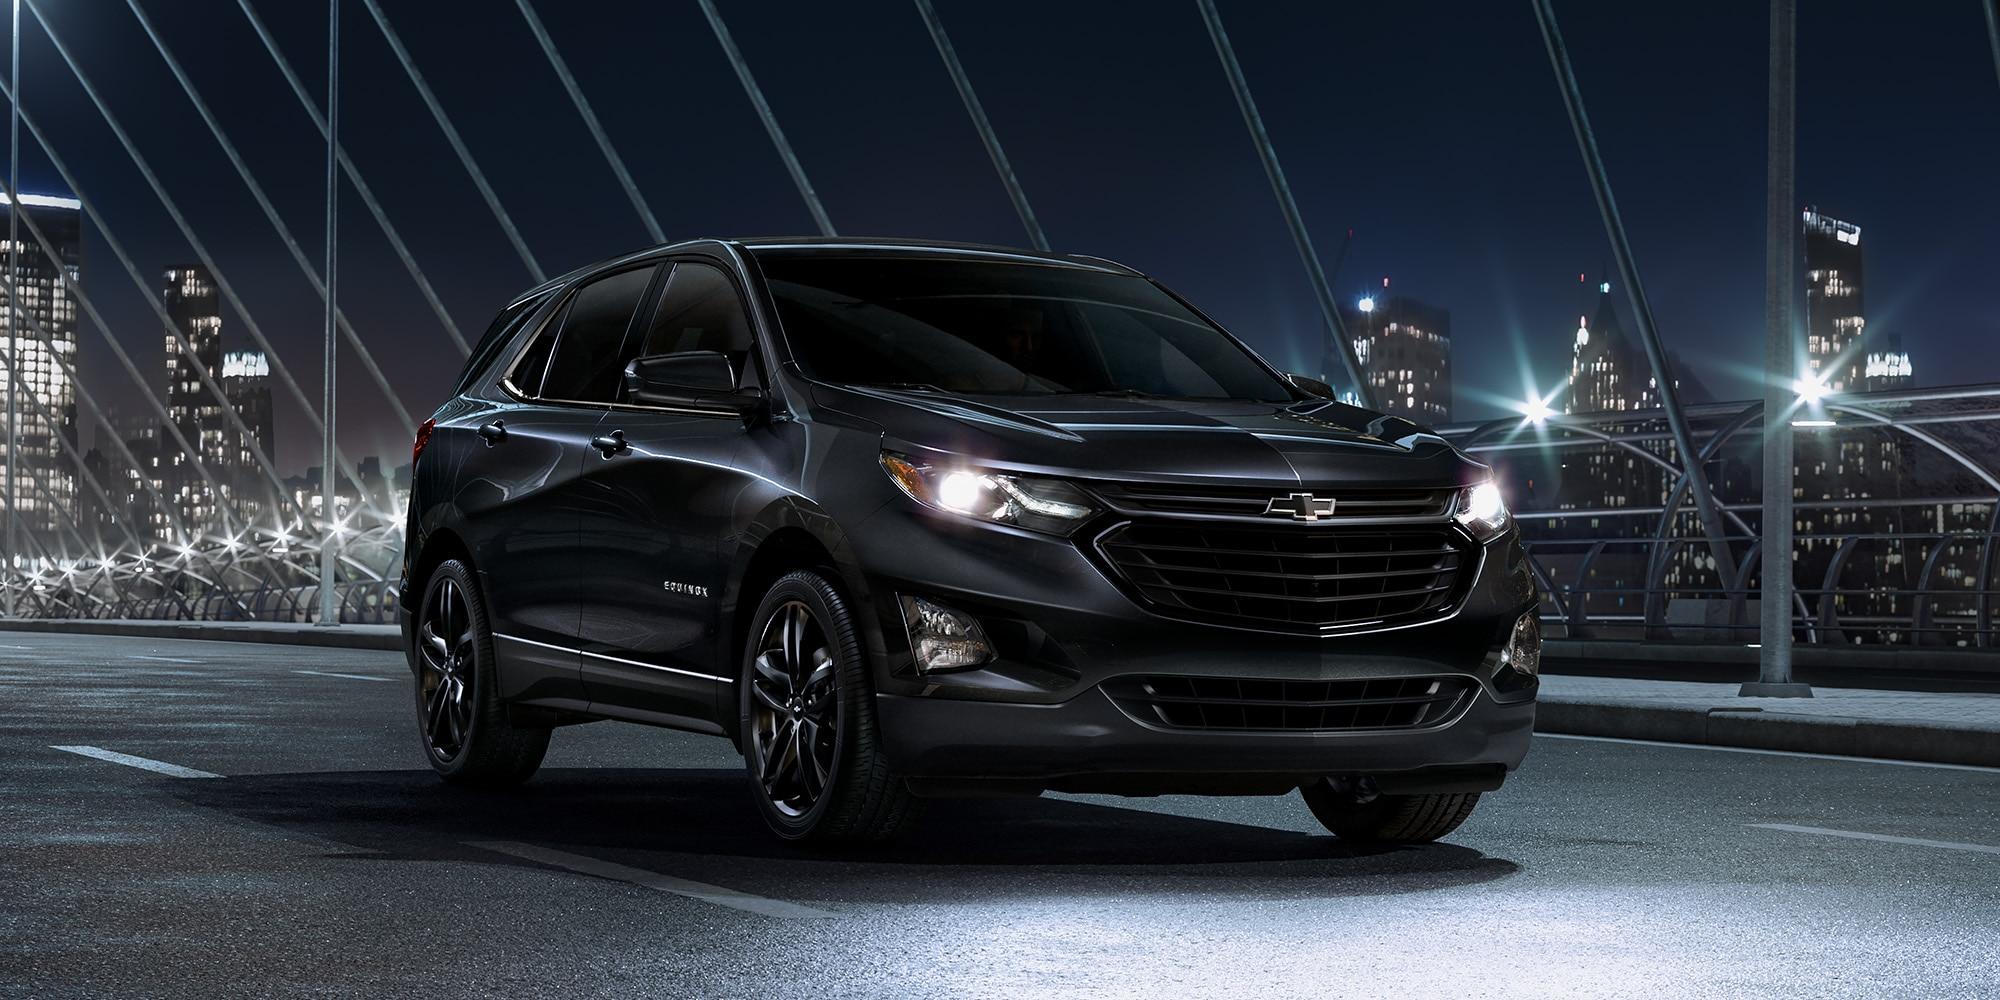 Vista lateral del exterior de la SUV compacta Chevrolet Equinox 2020 edición Midnight